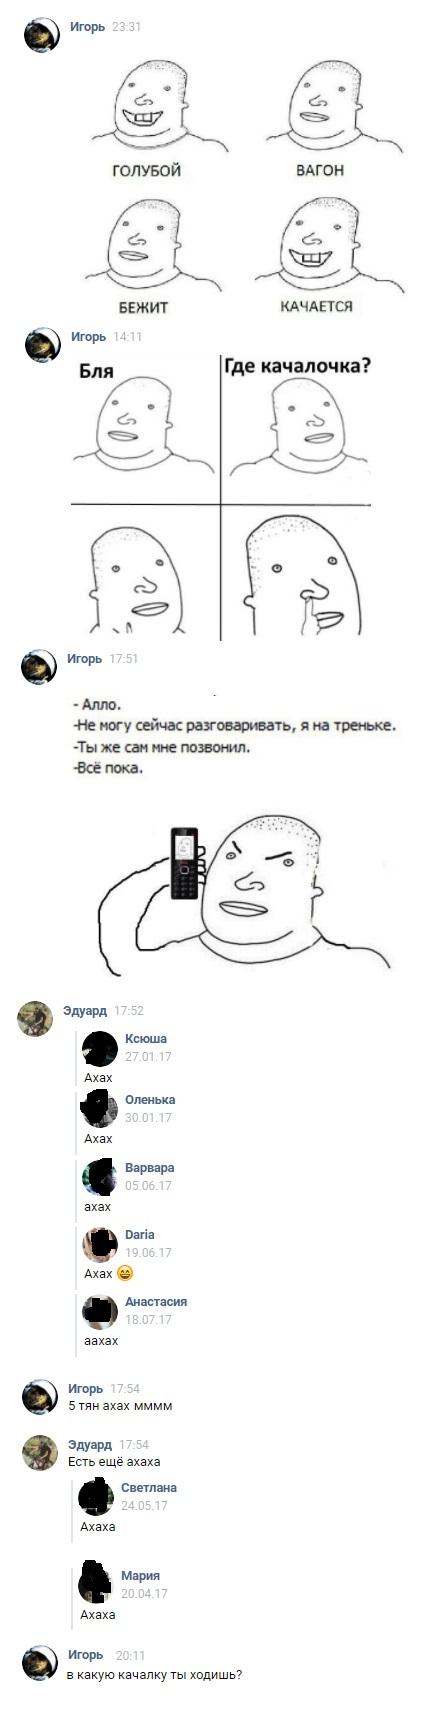 Толстые шутки за 300 друг, ВКонтакте, переписка, качалка, подколол, может зайдет, скриншот